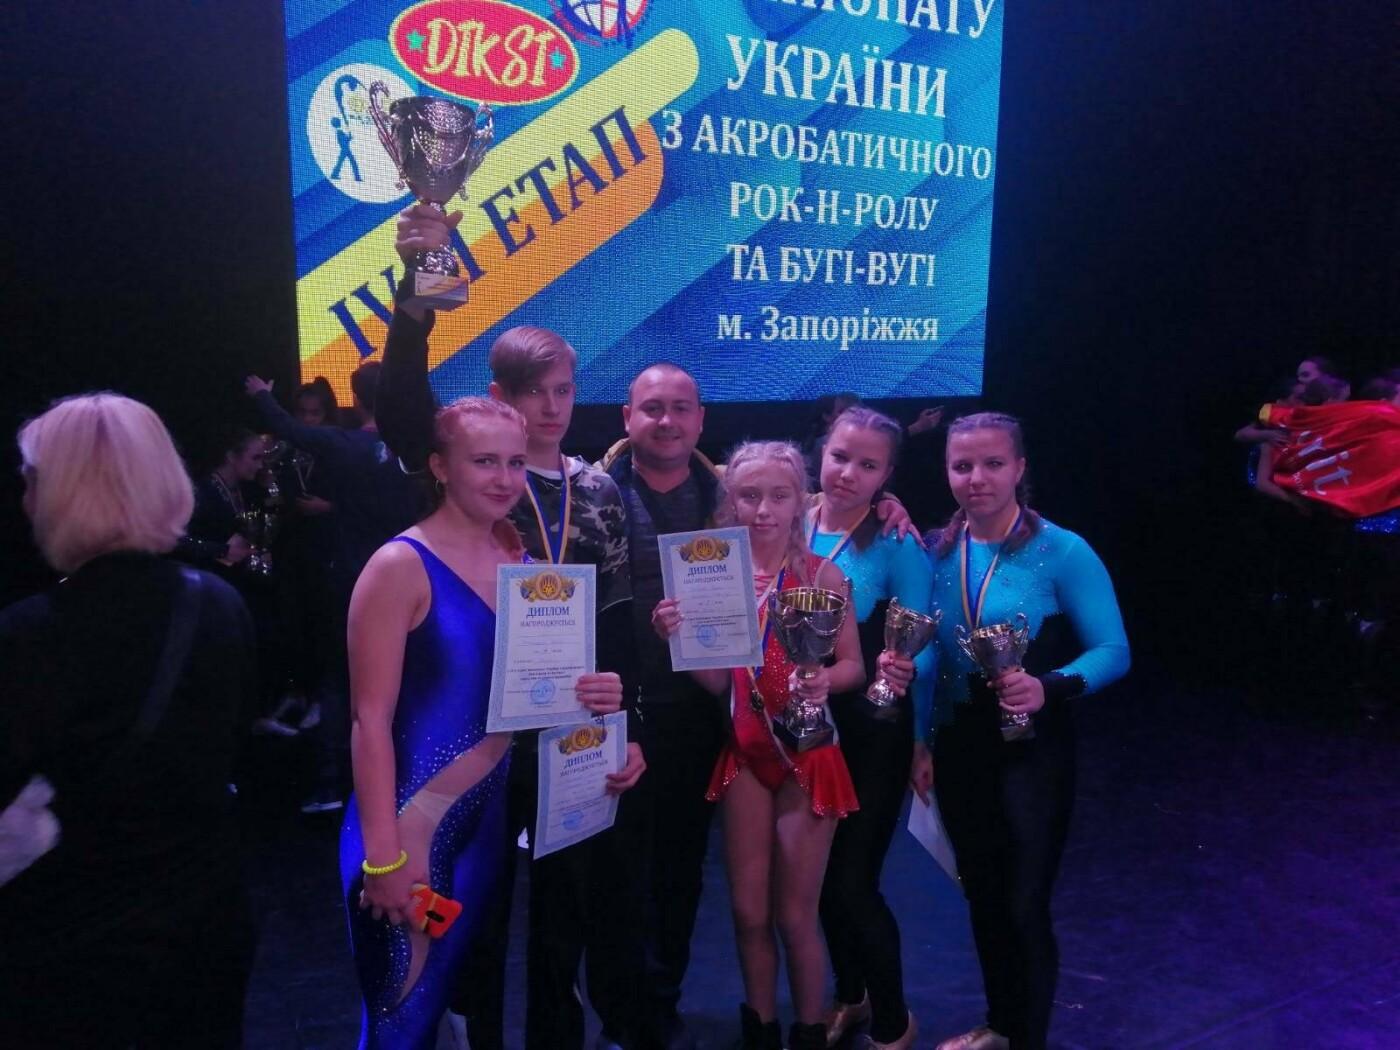 Спортсмены Луганщины успешно выступили на чемпионате по акробатическому рок-н-роллу, фото-1